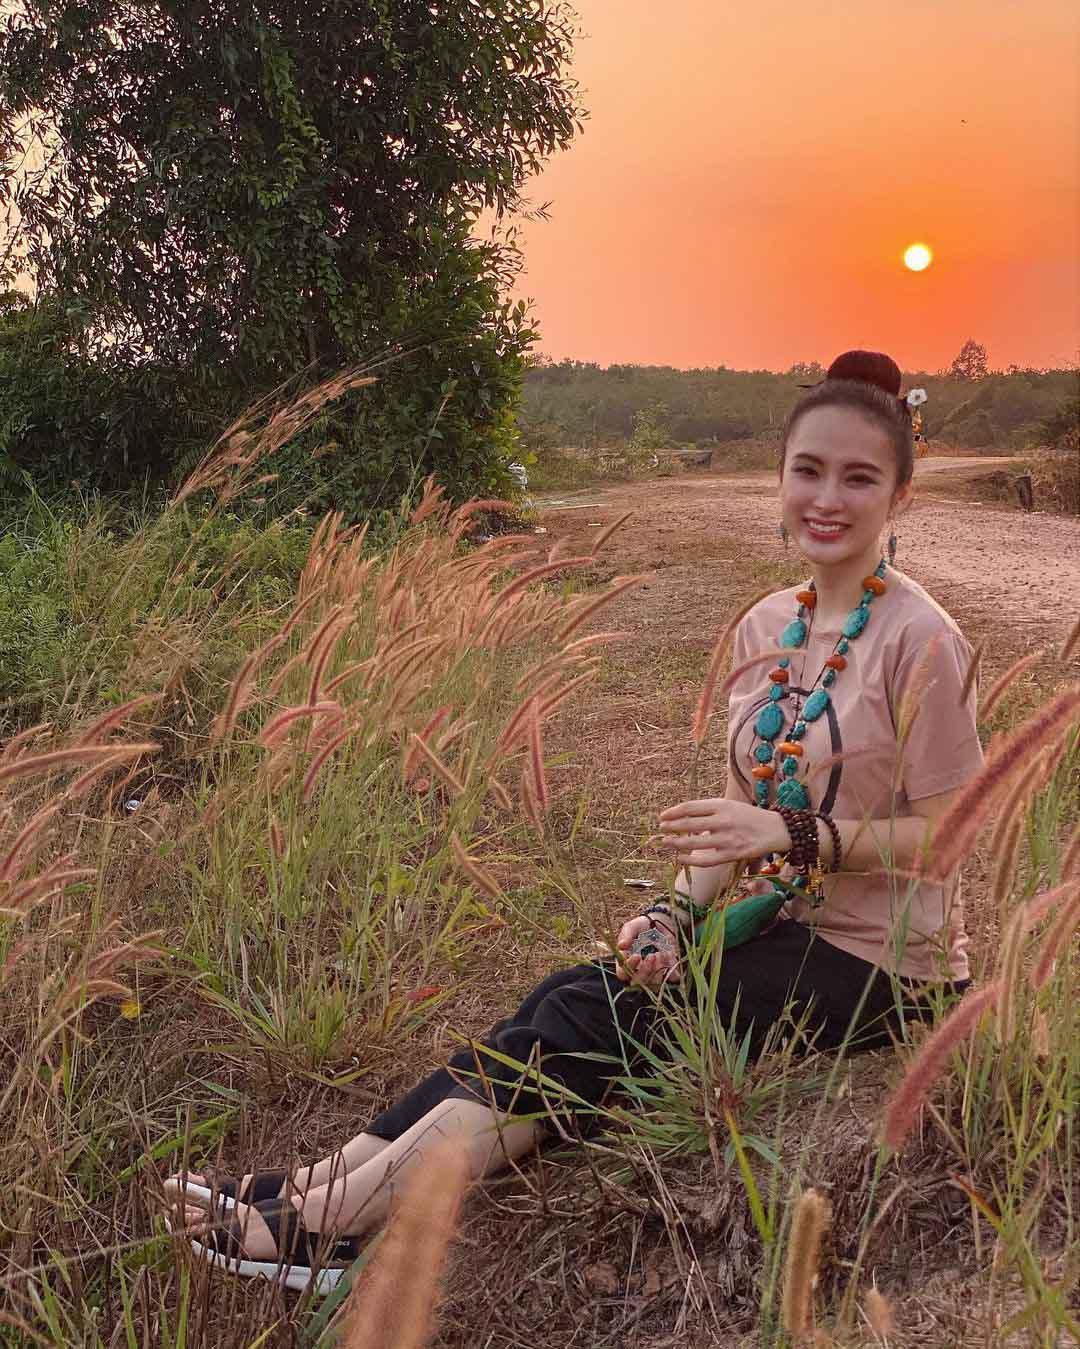 Chuyển sang ăn chay trường, Angela Phương Trinh vẫn giữ đẹp chiếc bụng múi vạn người mê - 3